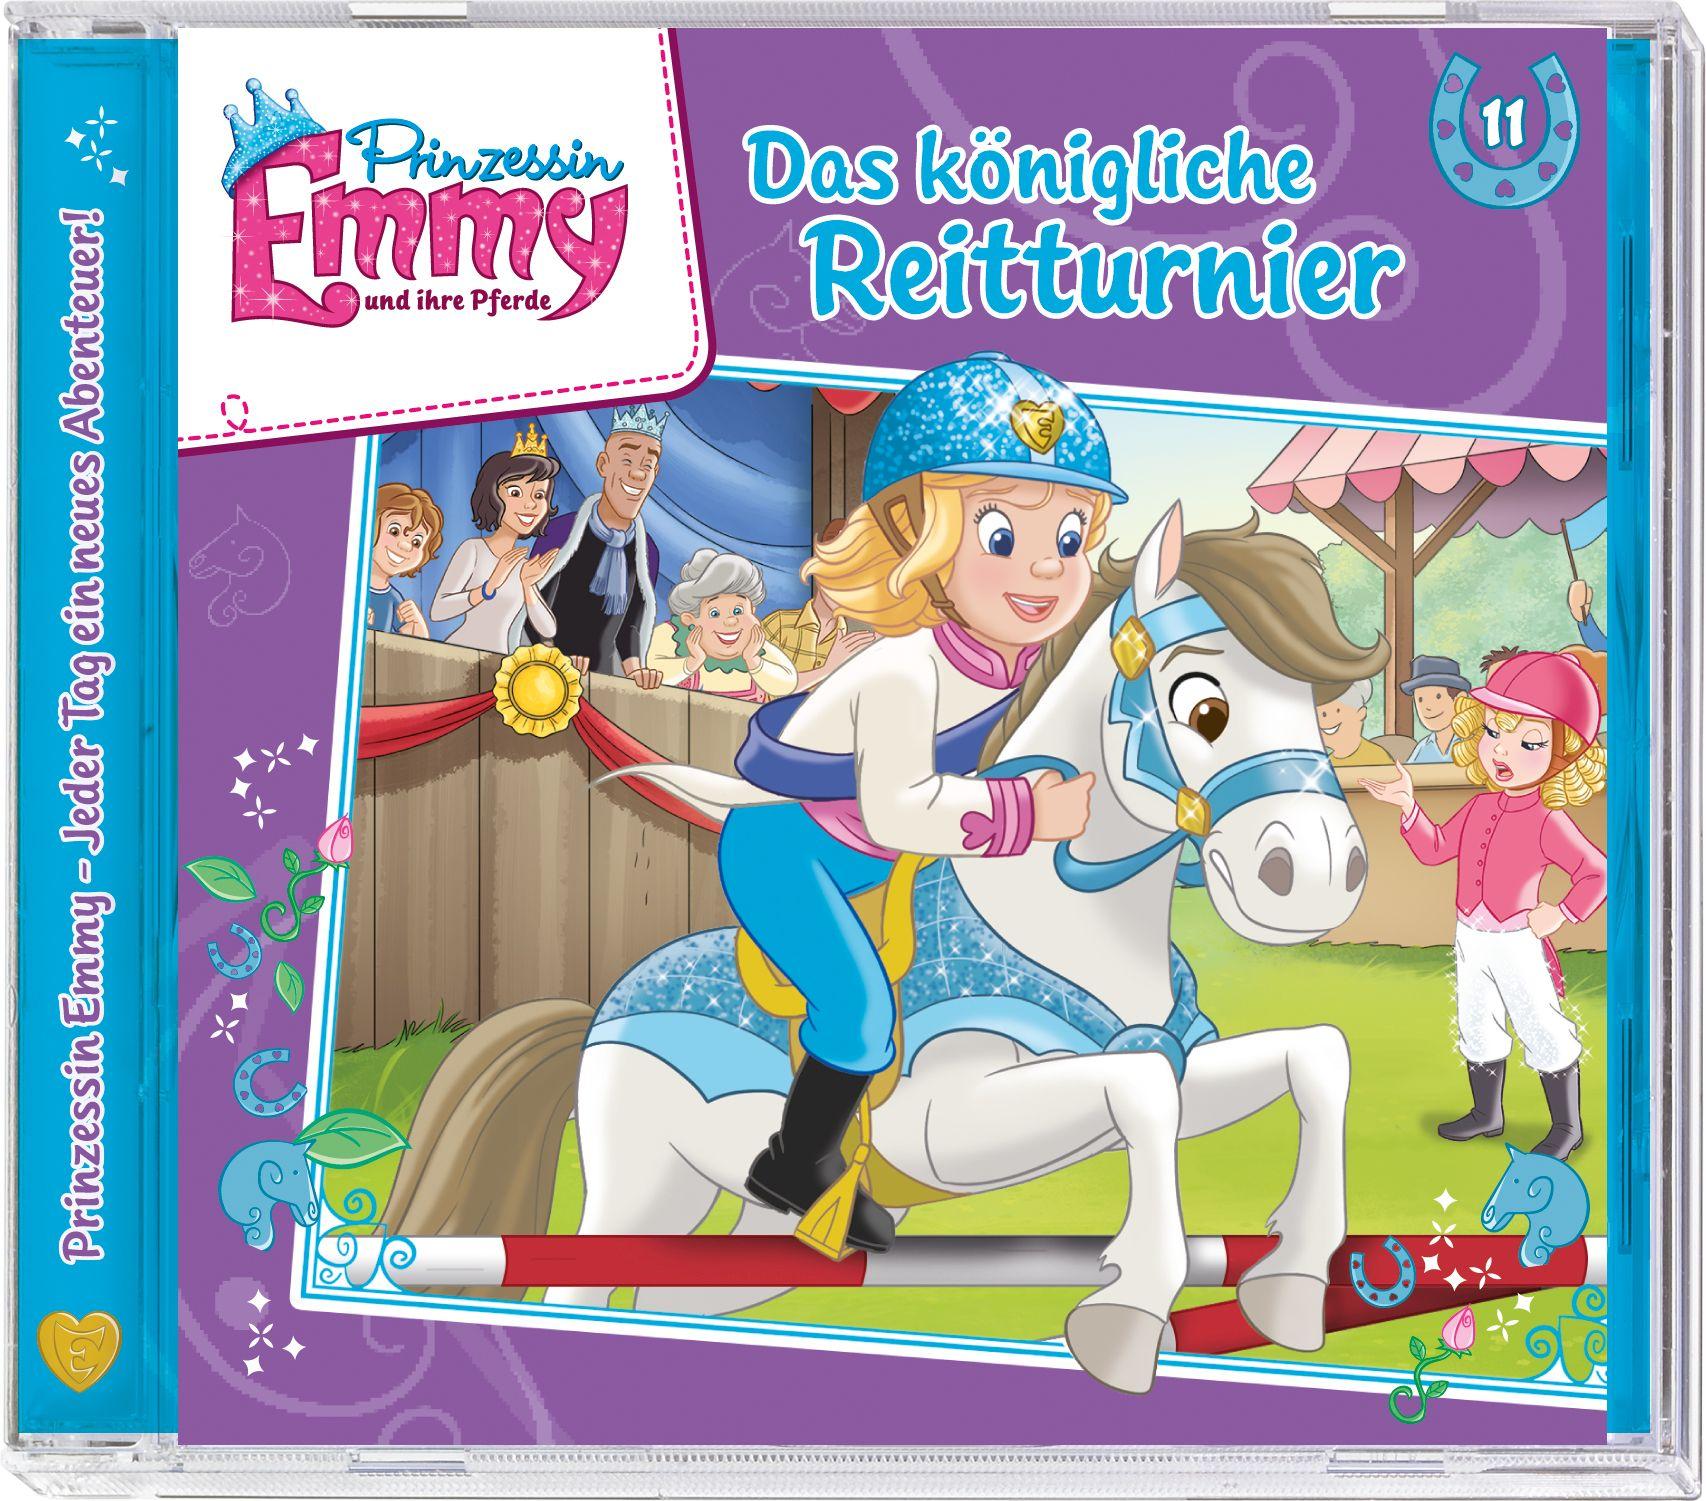 Prinzessin Emmy: Das königliche Reitturnier (Fo...